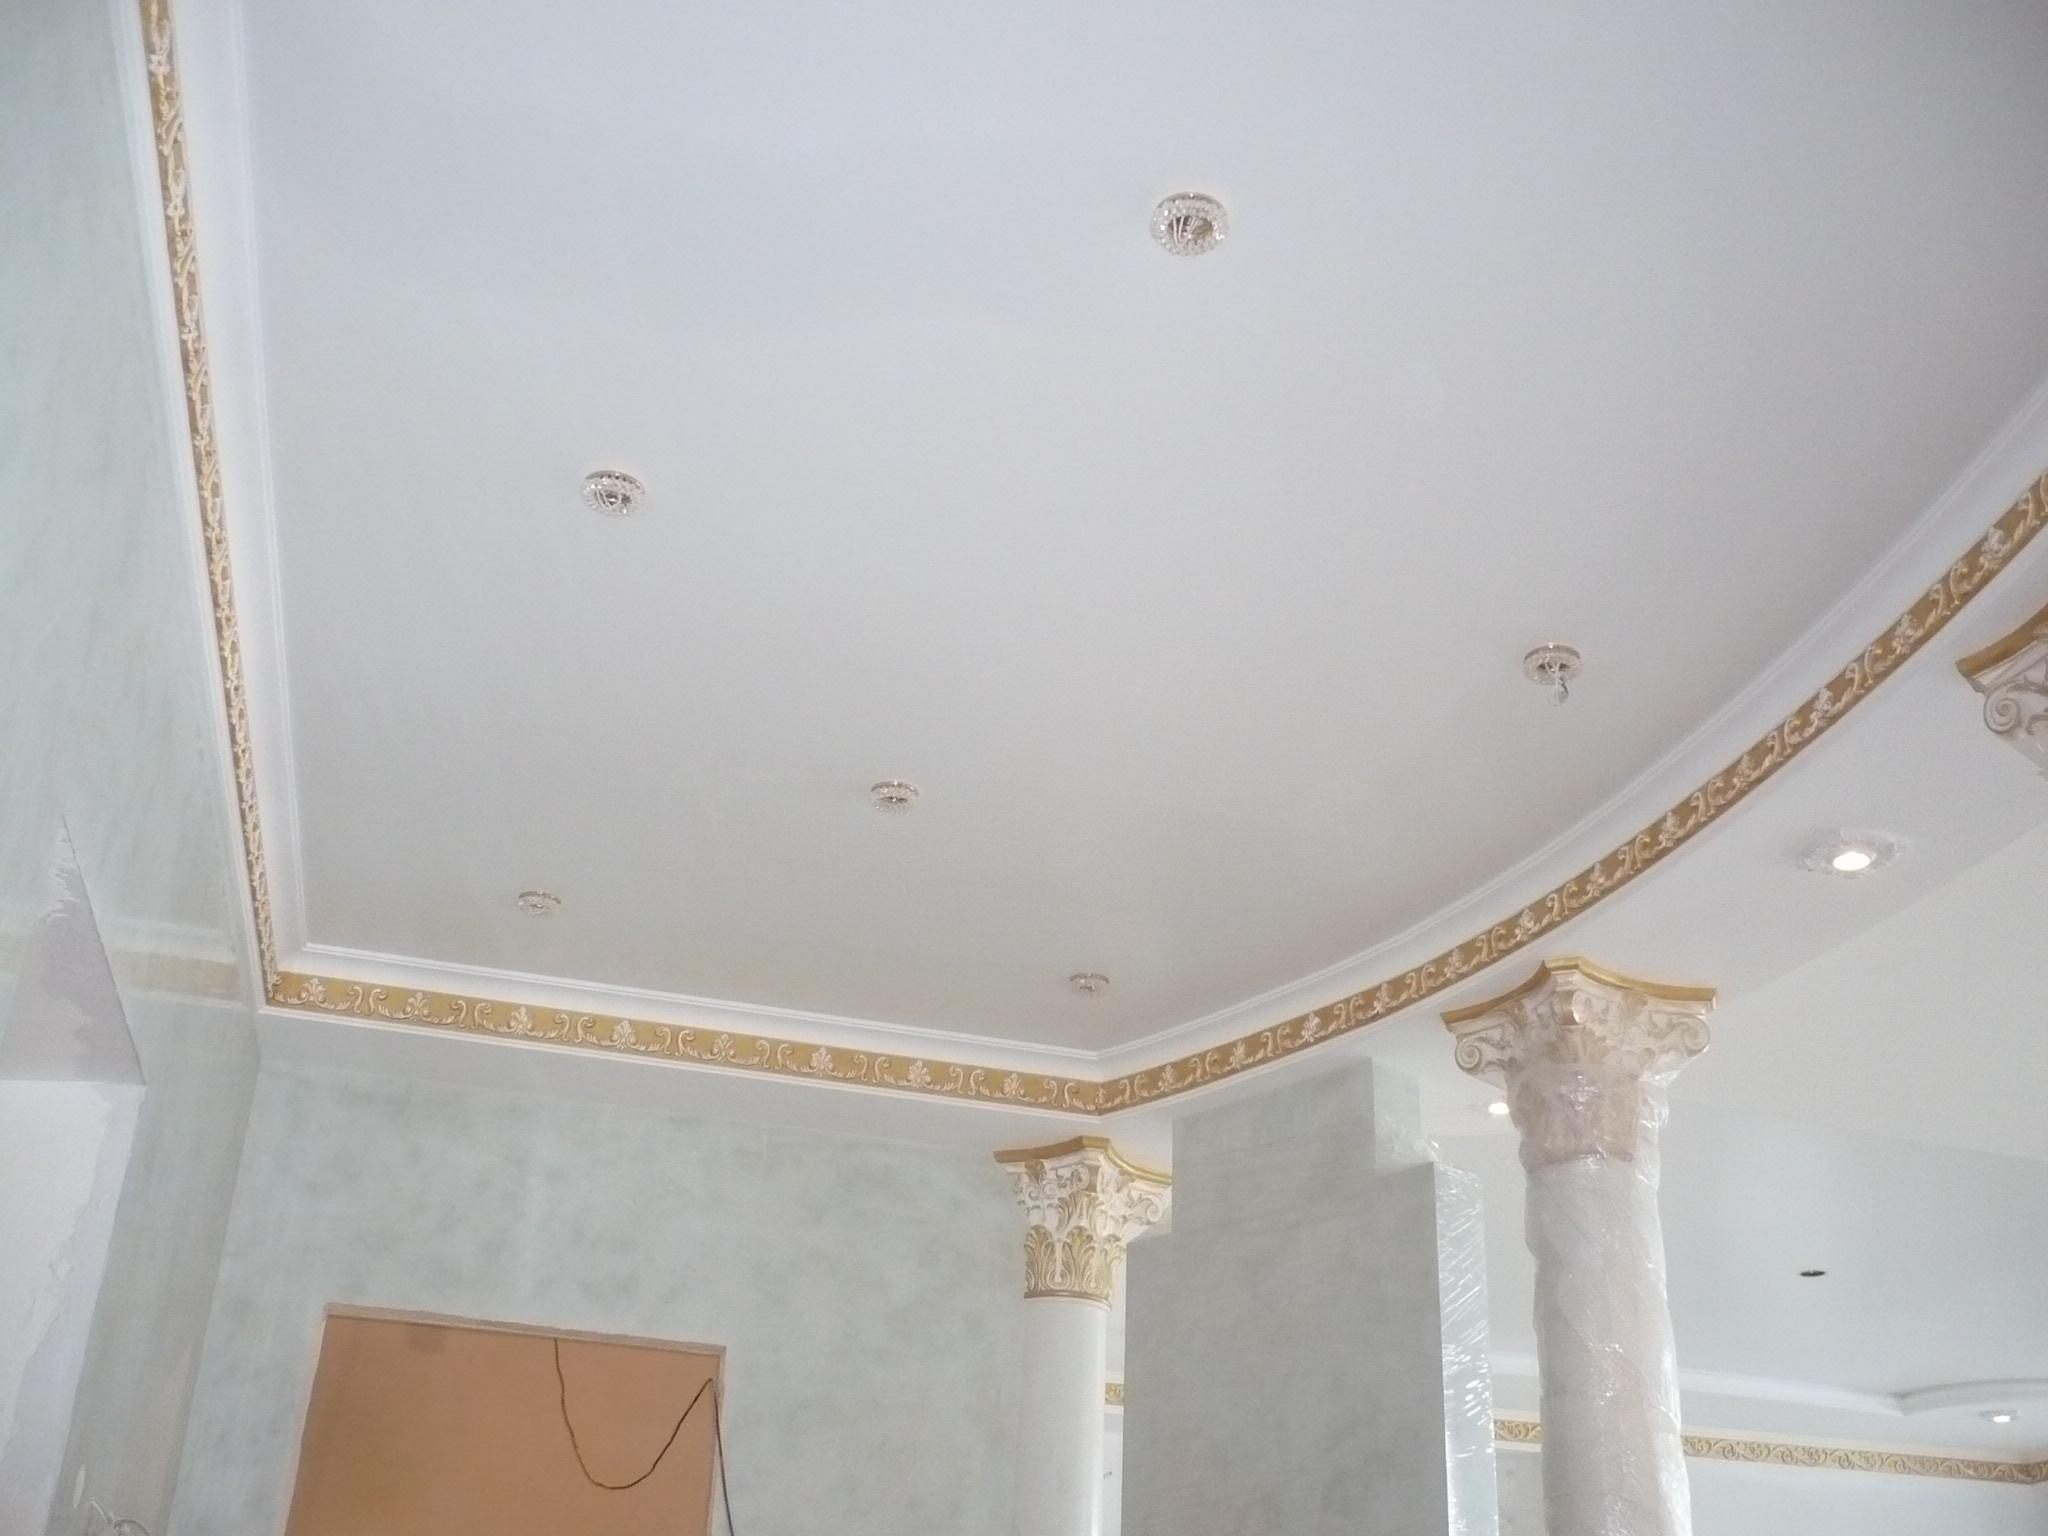 Акустический потолок в классическом стиле